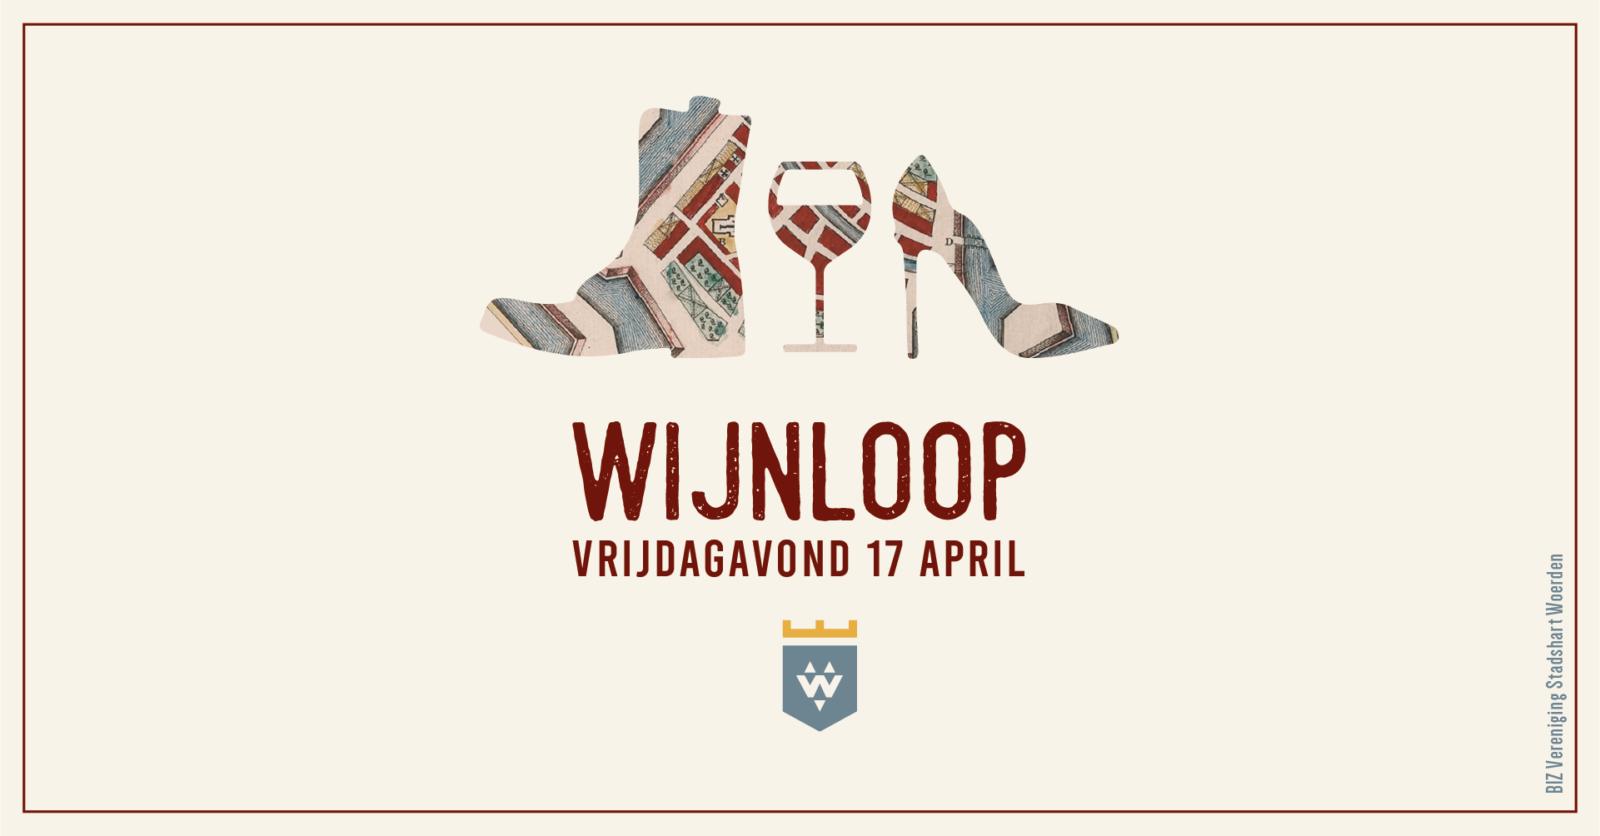 wijnloop woerden